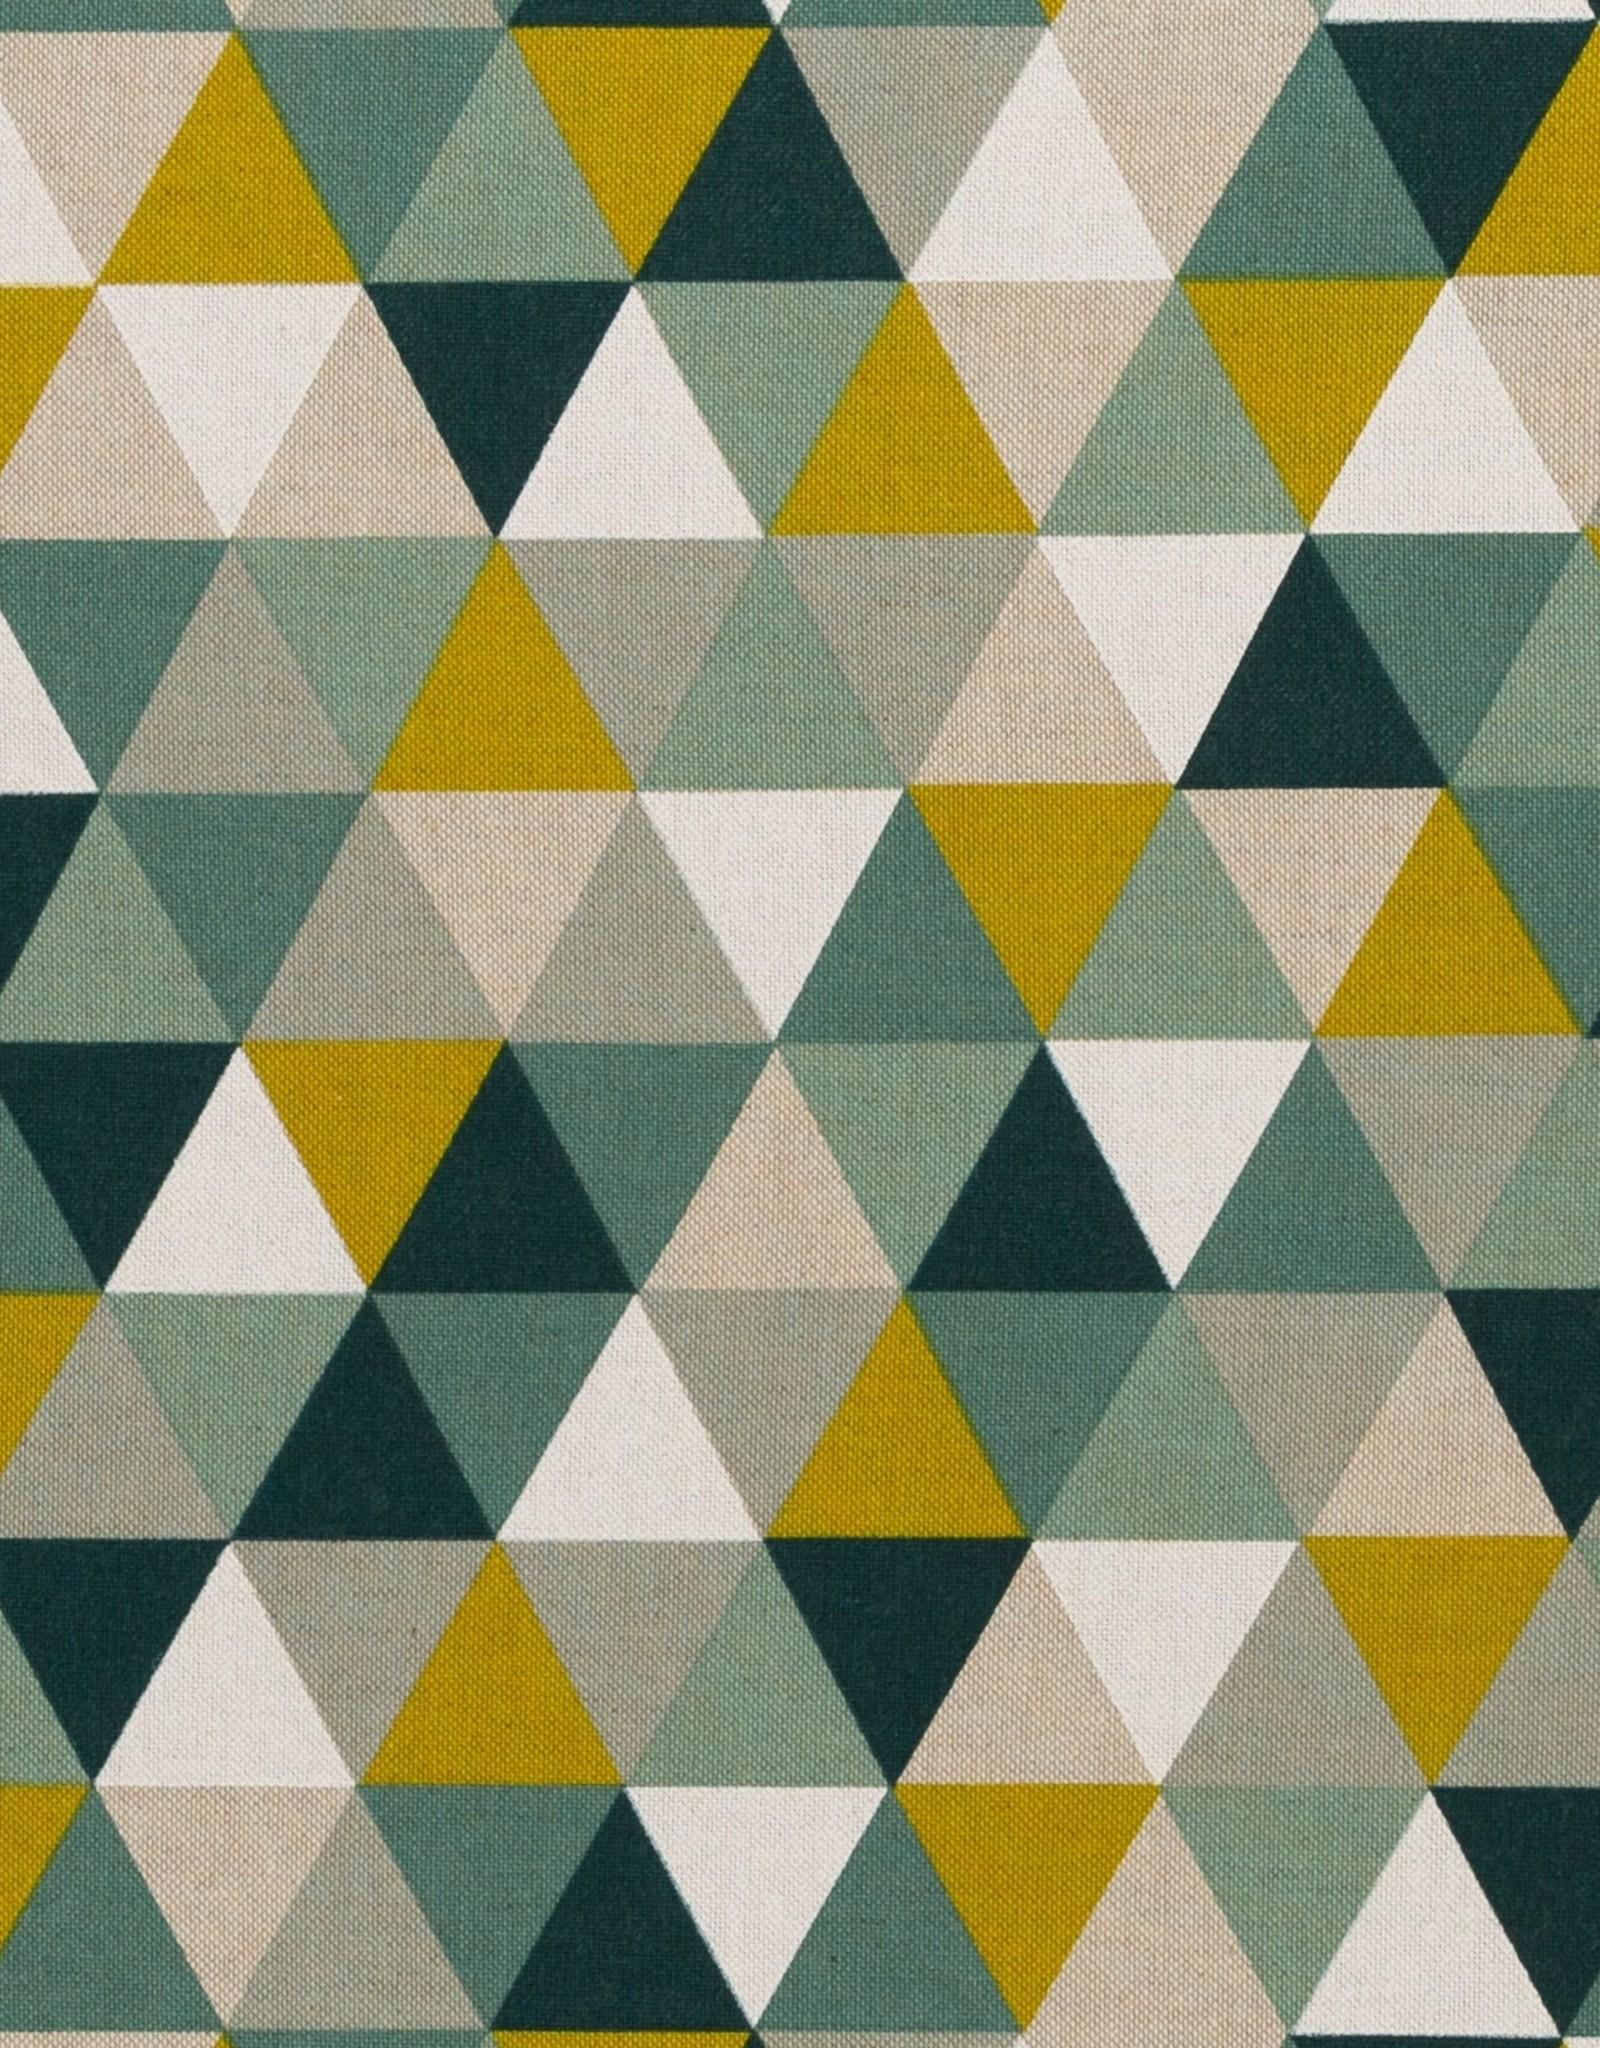 Driehoeken groen oker